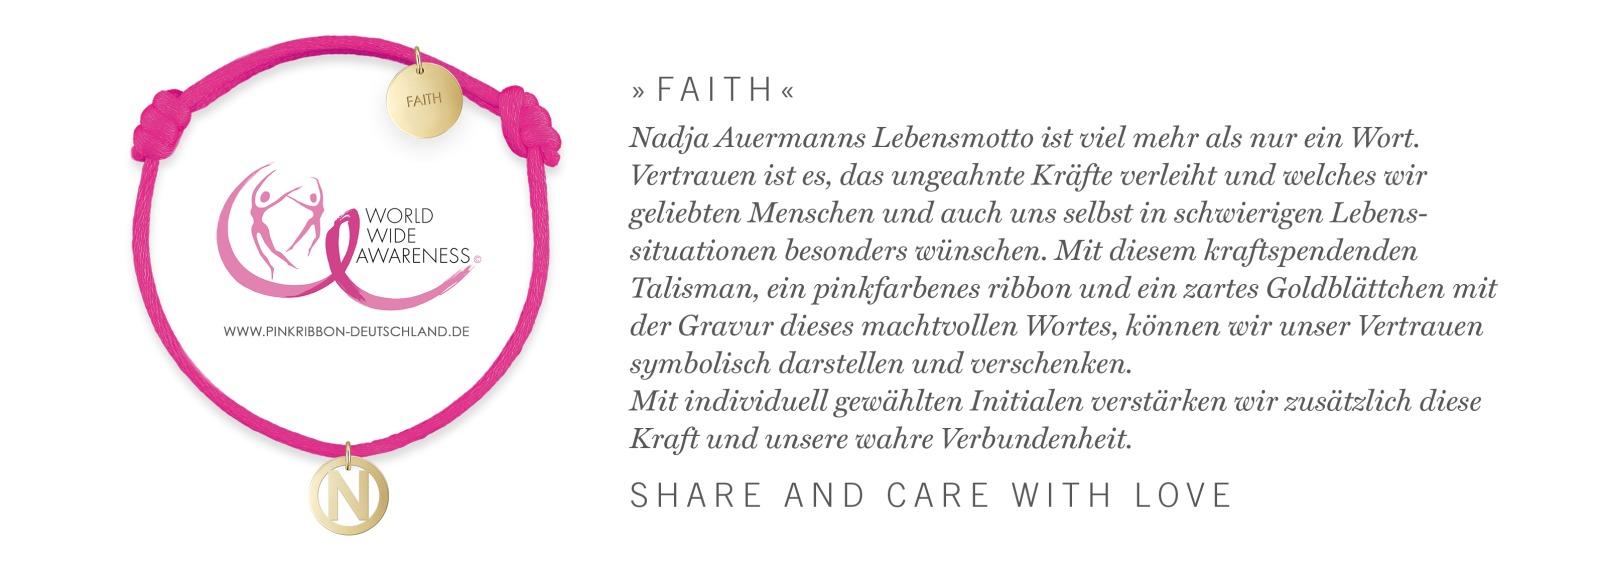 NEW Charity Edition FAITH by Nadja Auermann - Glamour